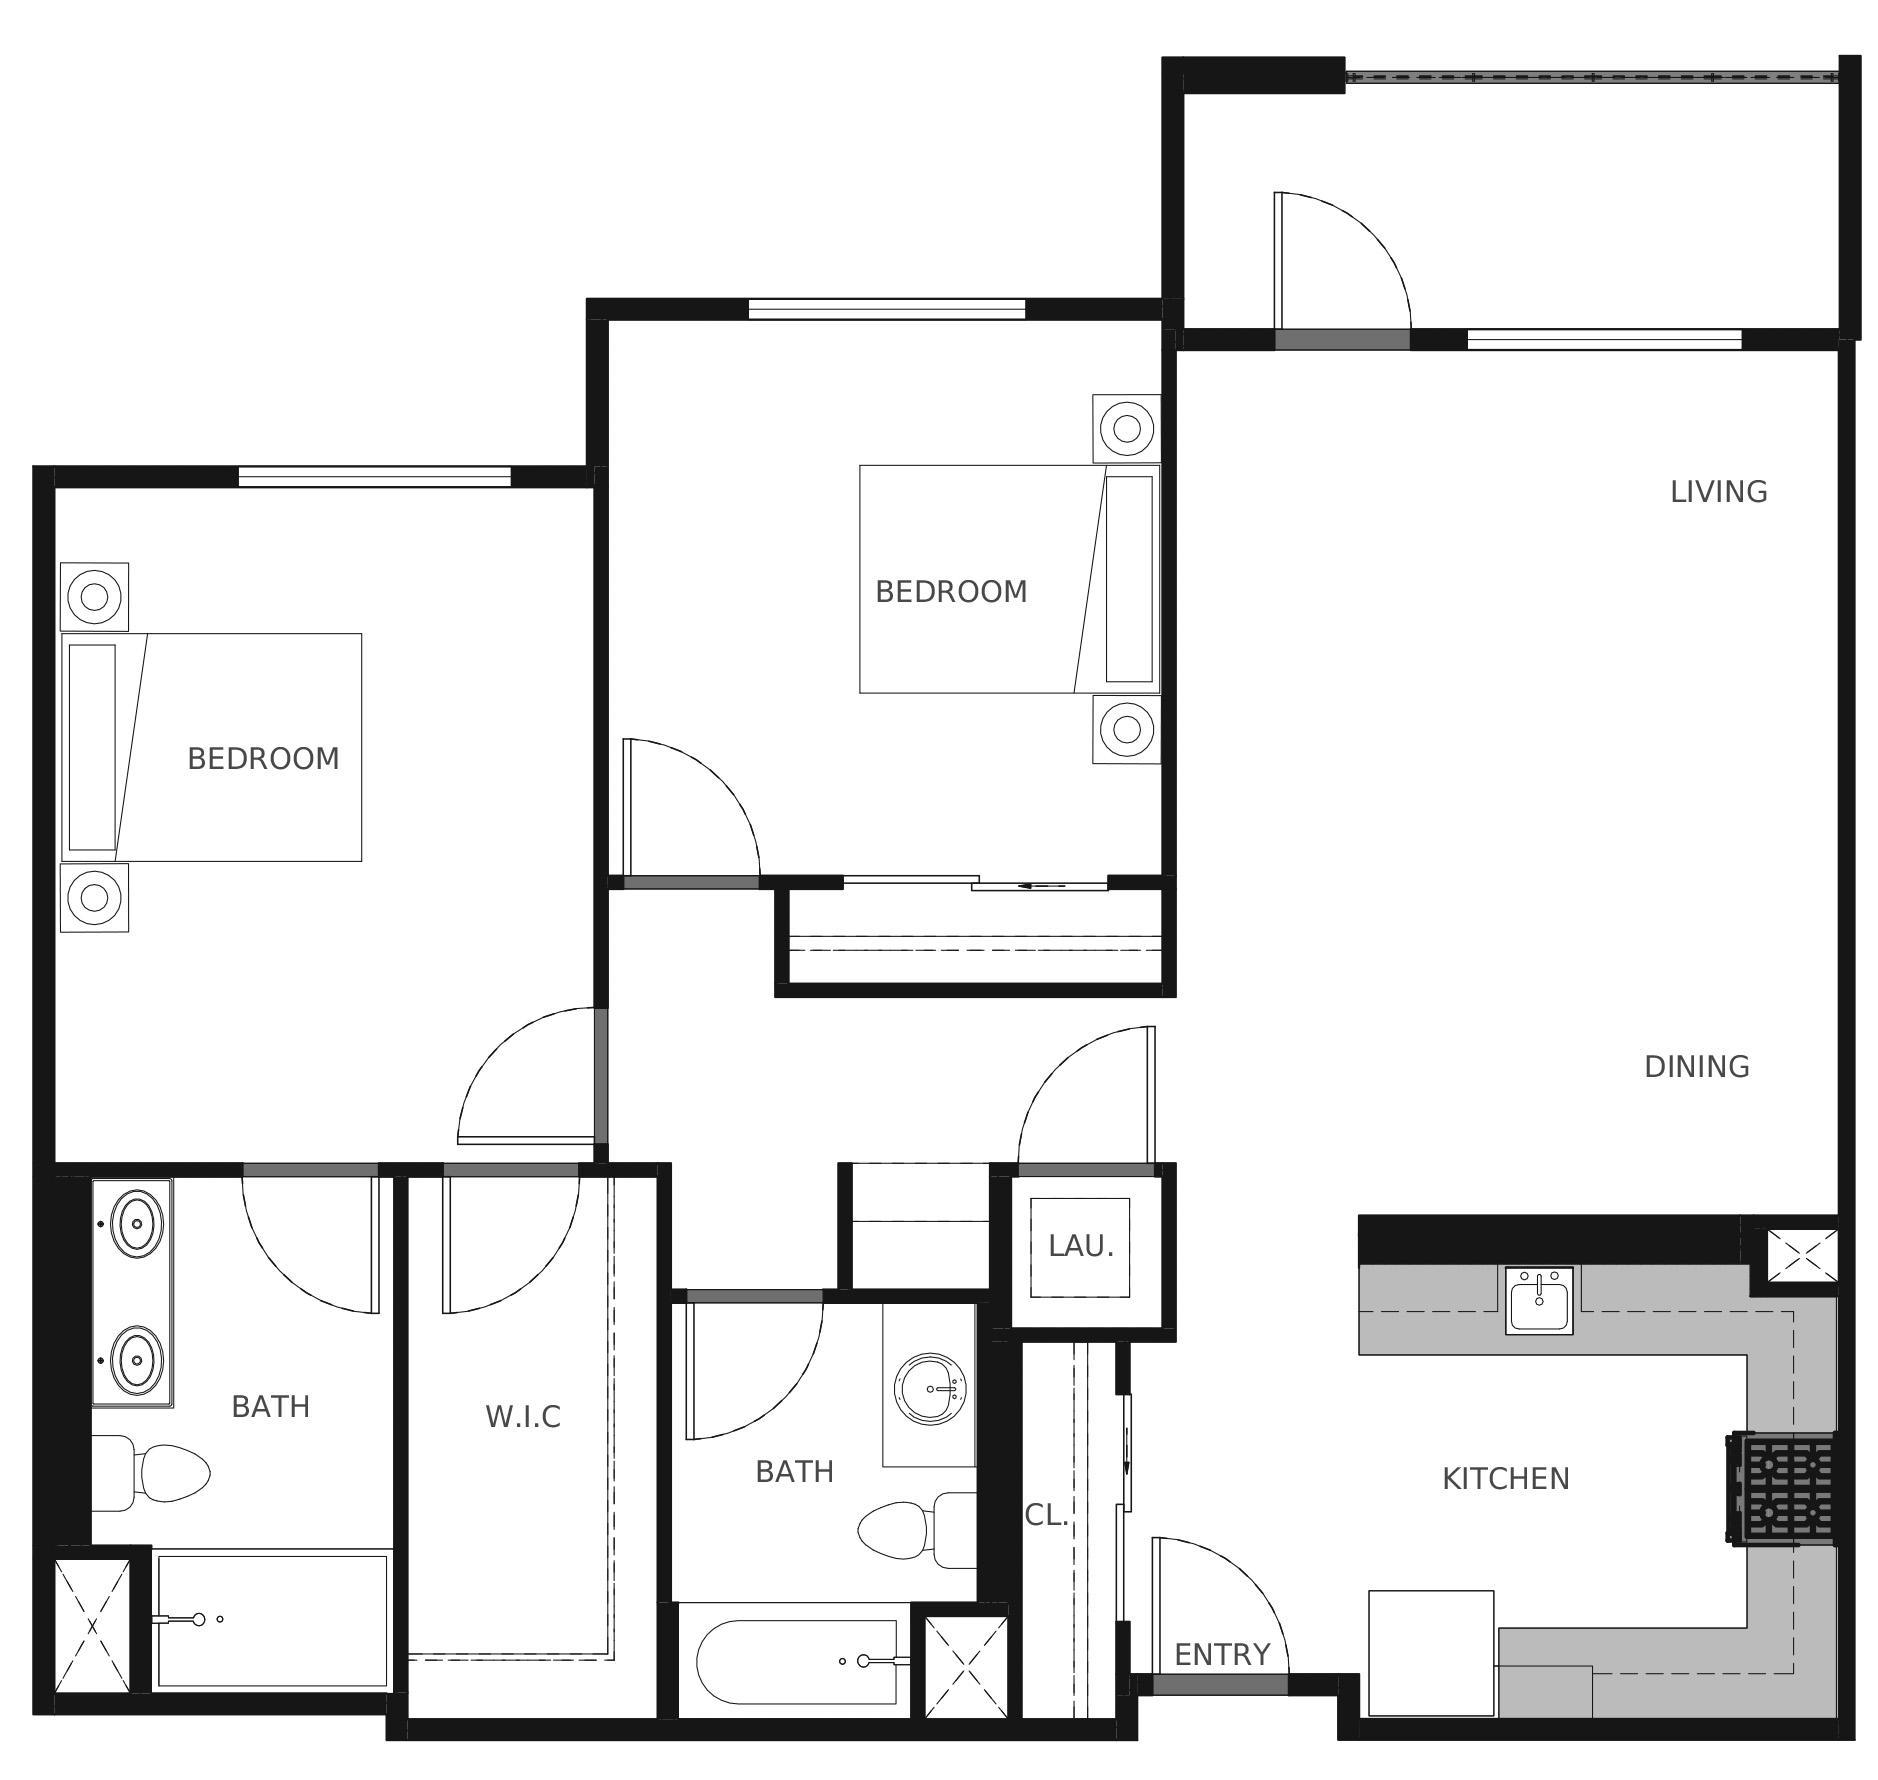 Plan B3 - 1,112 sq. ft.